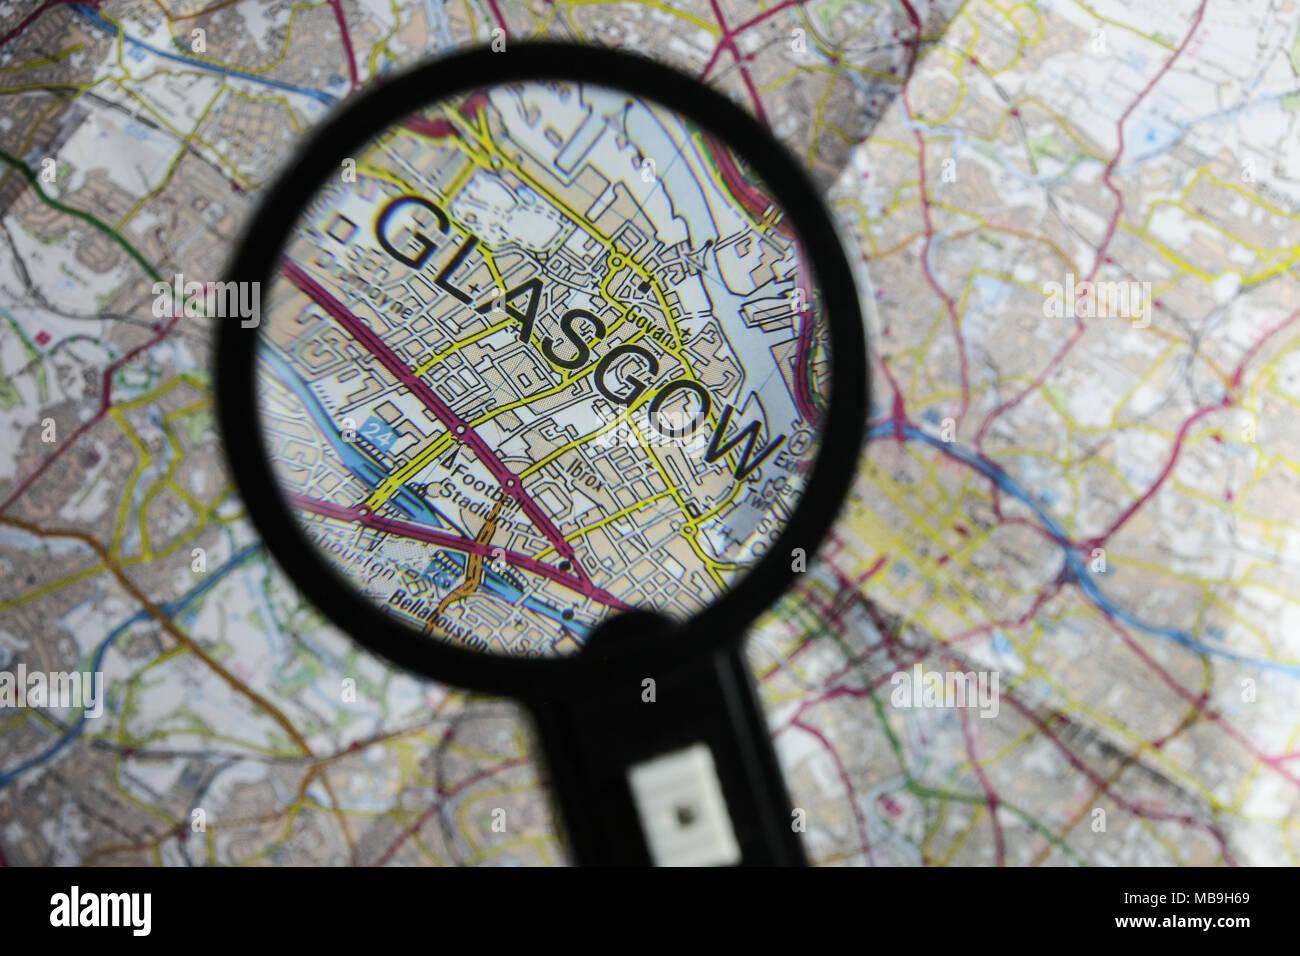 Una ordenanza encuesta mapa de Glasgow y la rodea con una lupa rescatando y resaltando la palabra Glasgow impresas en el mapa. Imagen De Stock